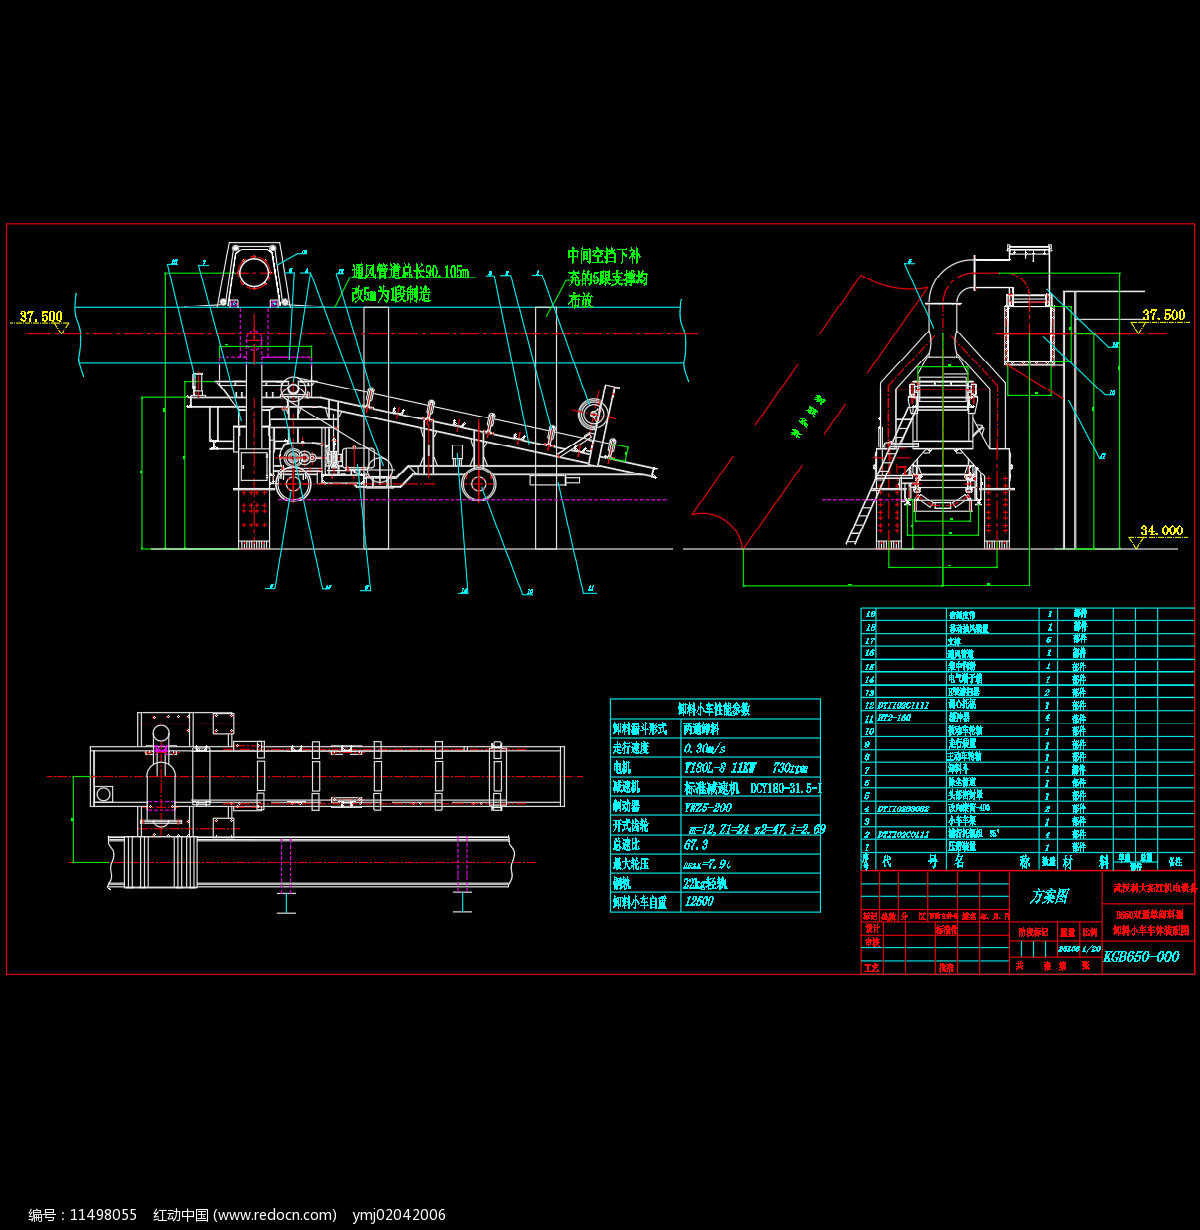 双通单卸料型卸料小车CAD机械总图图片